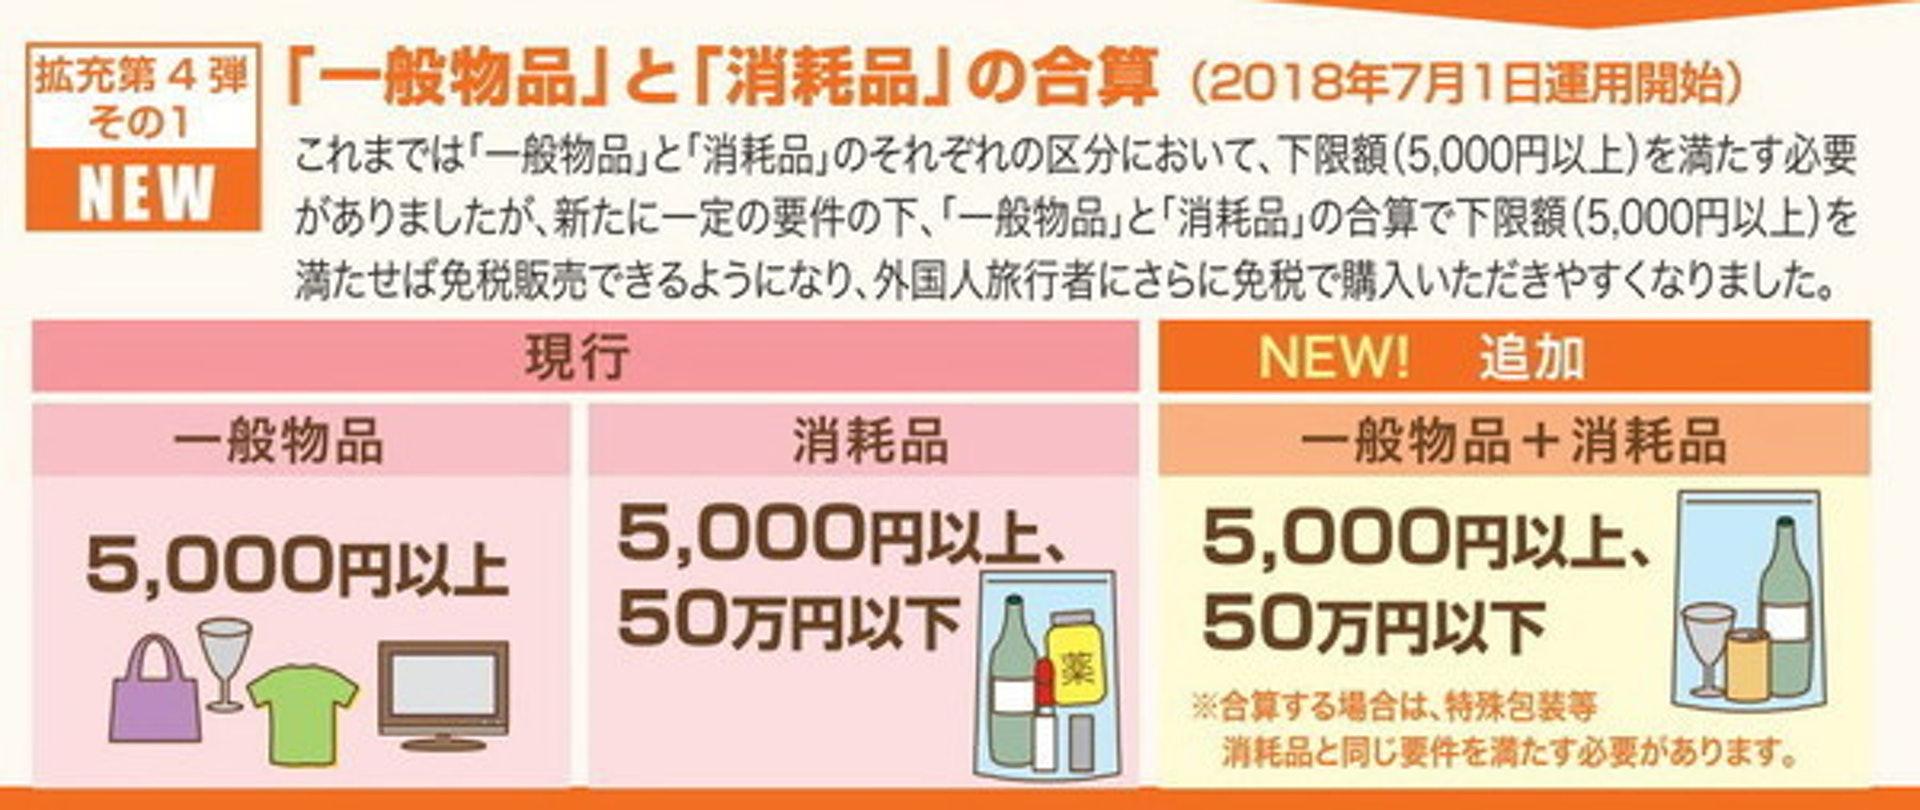 在新稅制下,外國遊客只要於同一商店內購物金額超過5,000日圓、而不多於50萬日圓,即可申請退稅。(日本觀光廳網頁截圖)